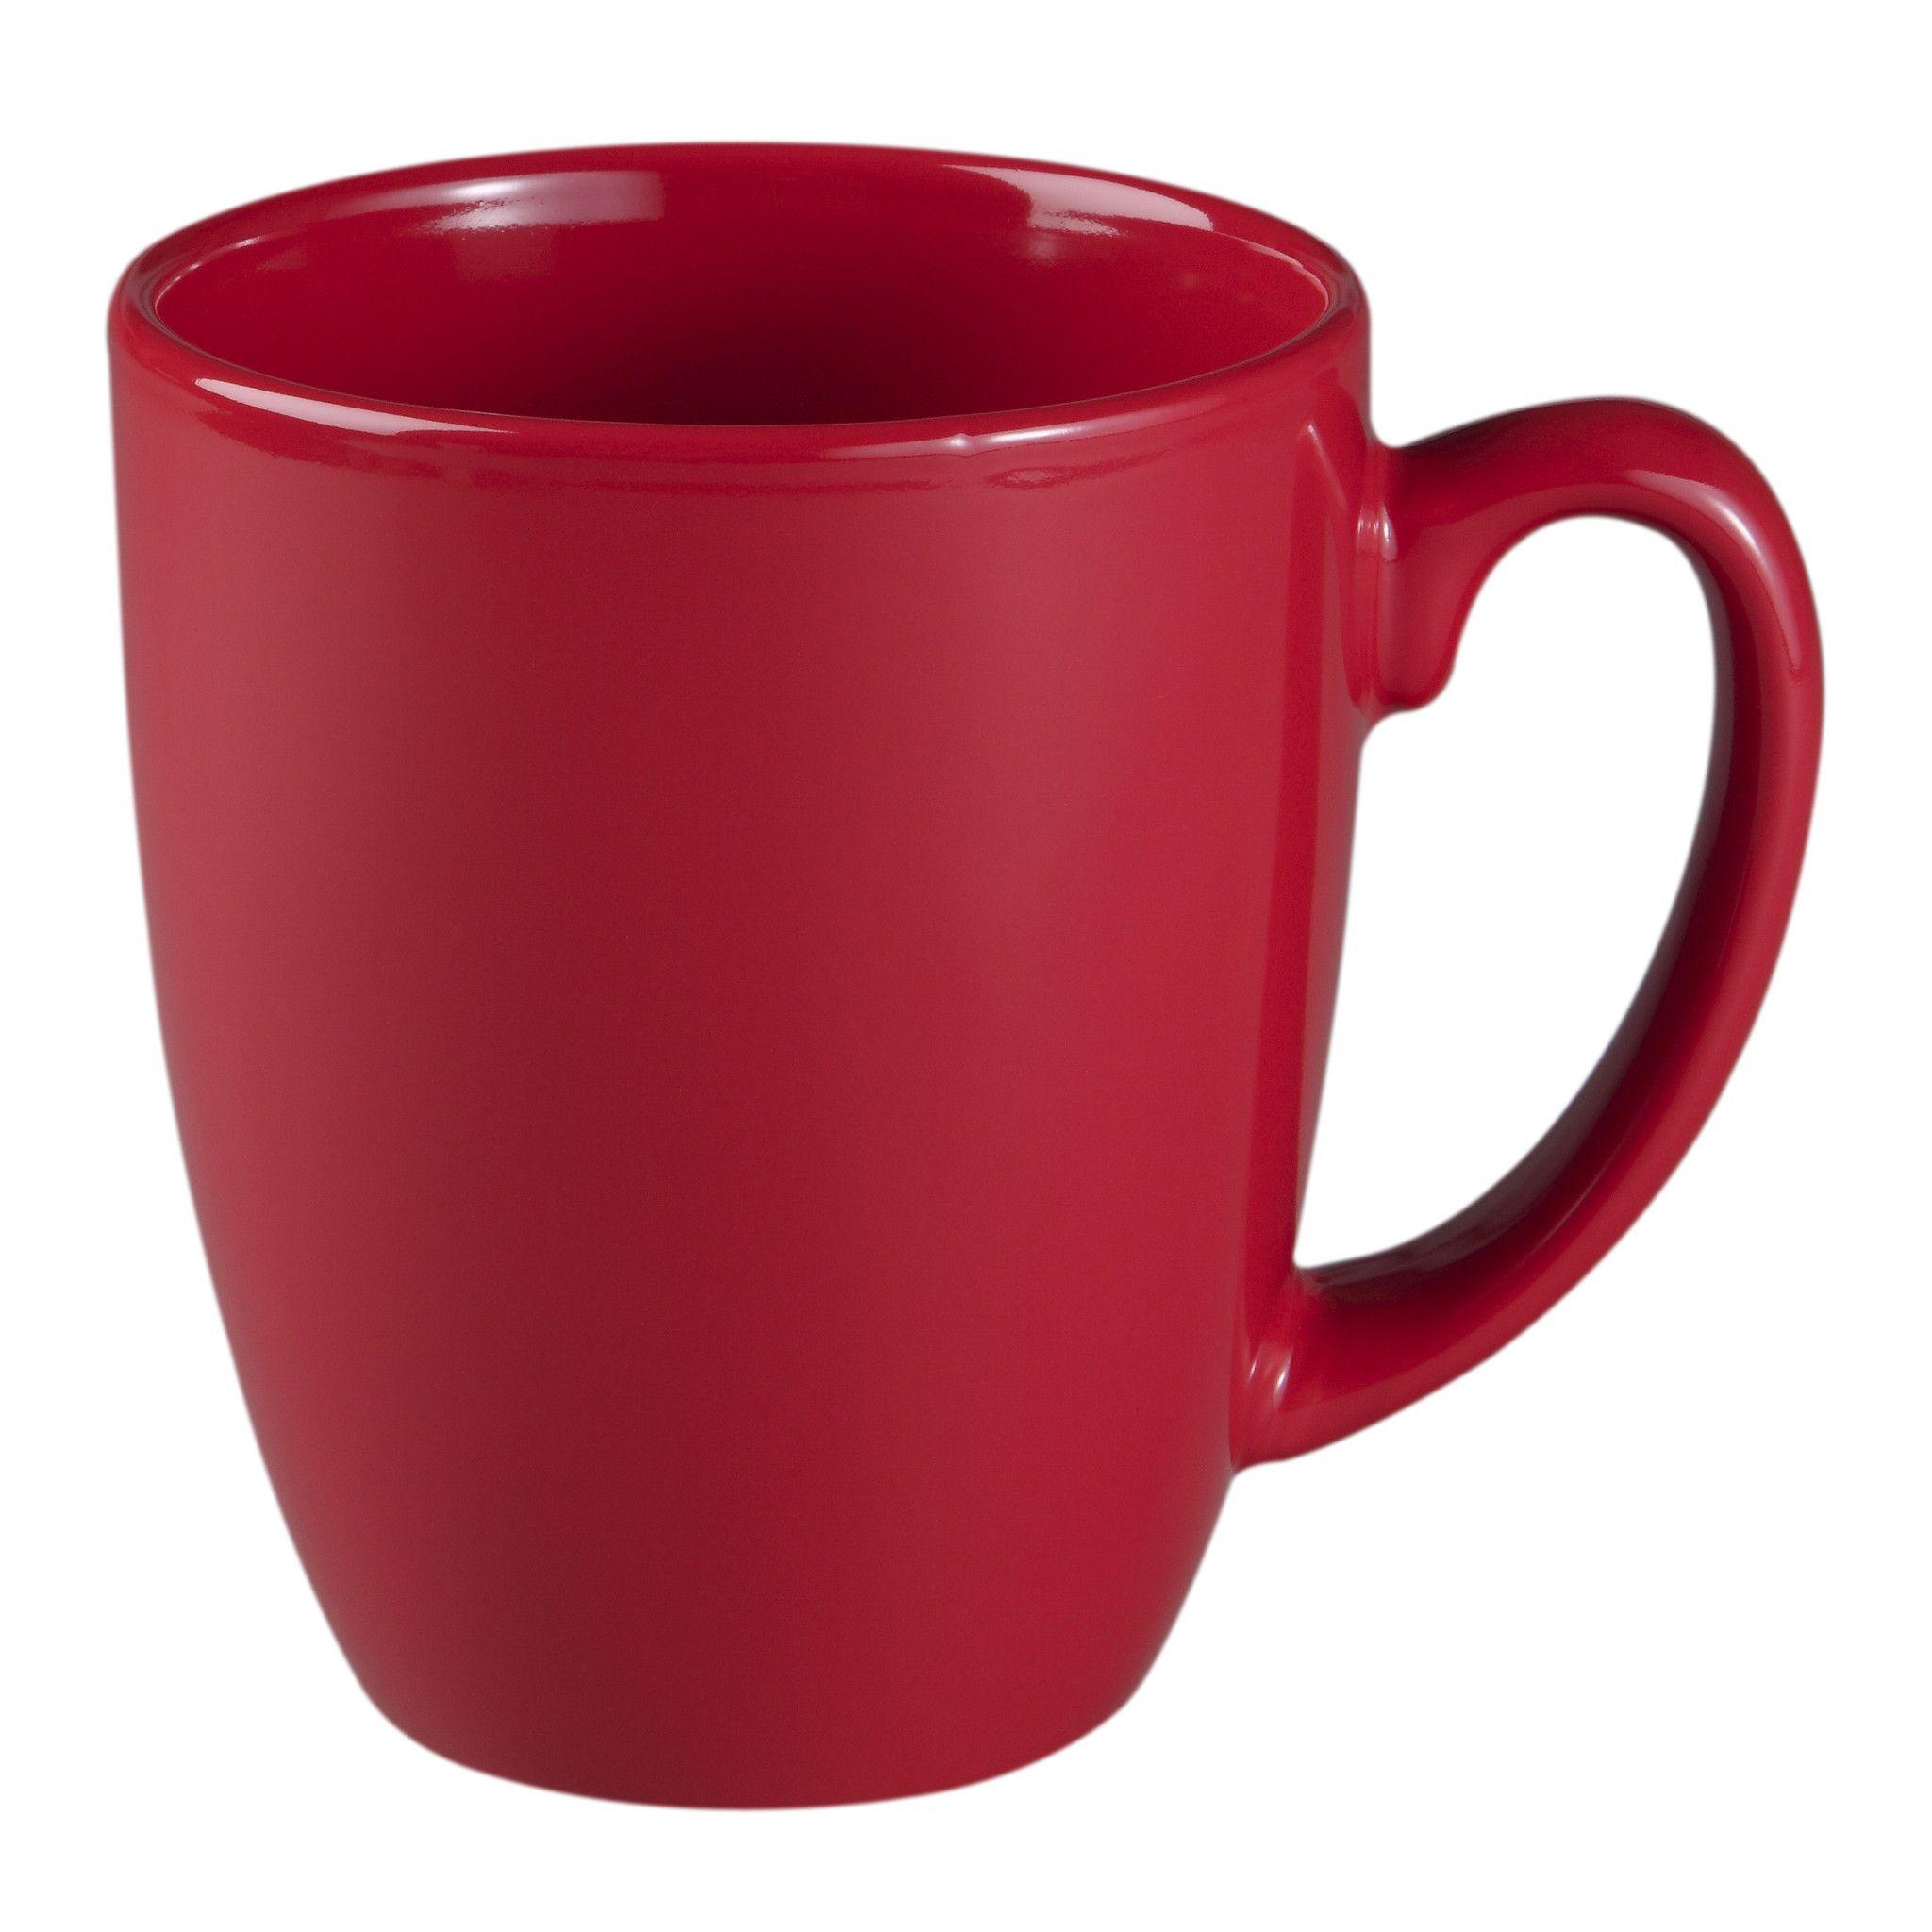 11-ounce Berry Red Mug